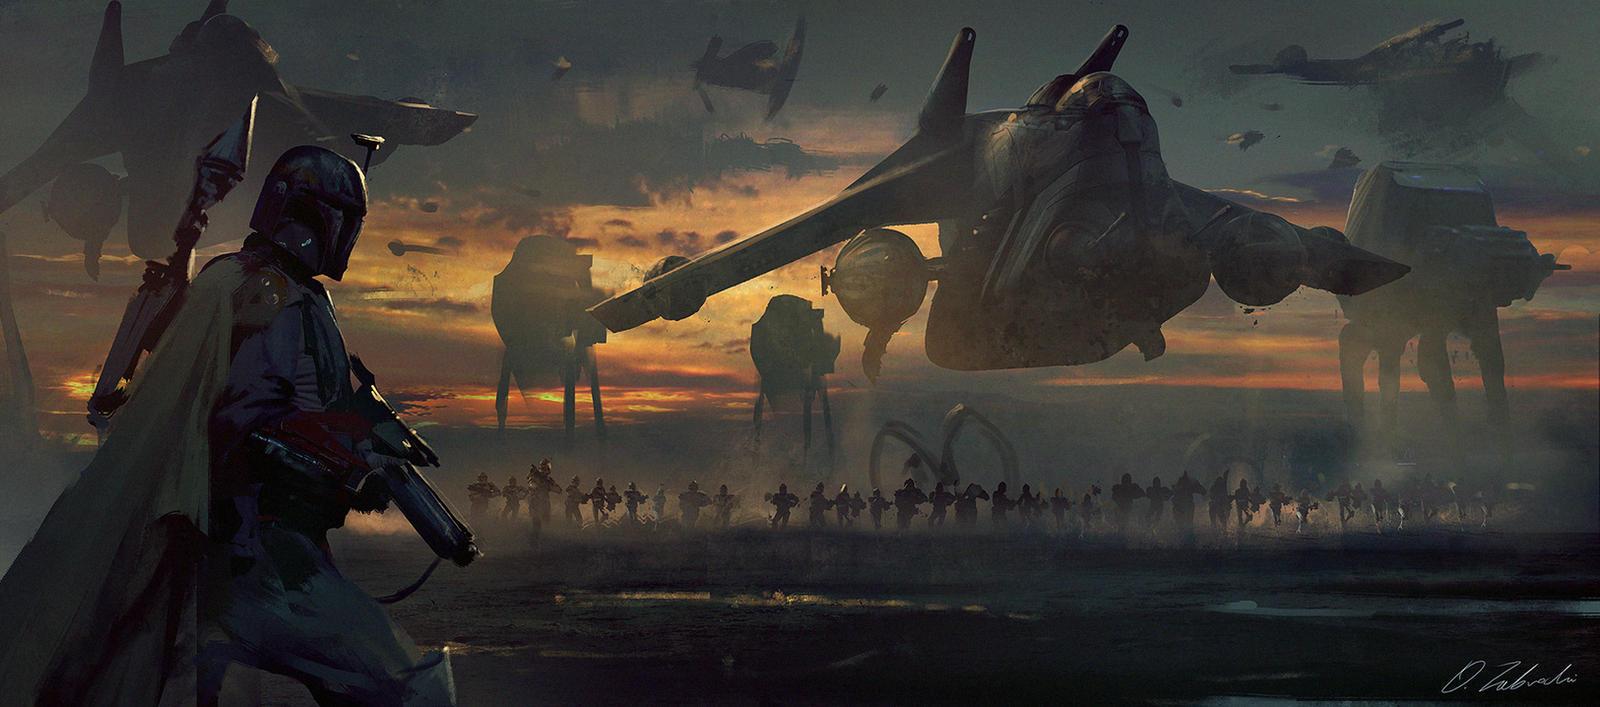 """Tolle StarWars Bilder """"Best of"""" - Seite 4 Imperial_march____by_daroz-d7h5khs"""